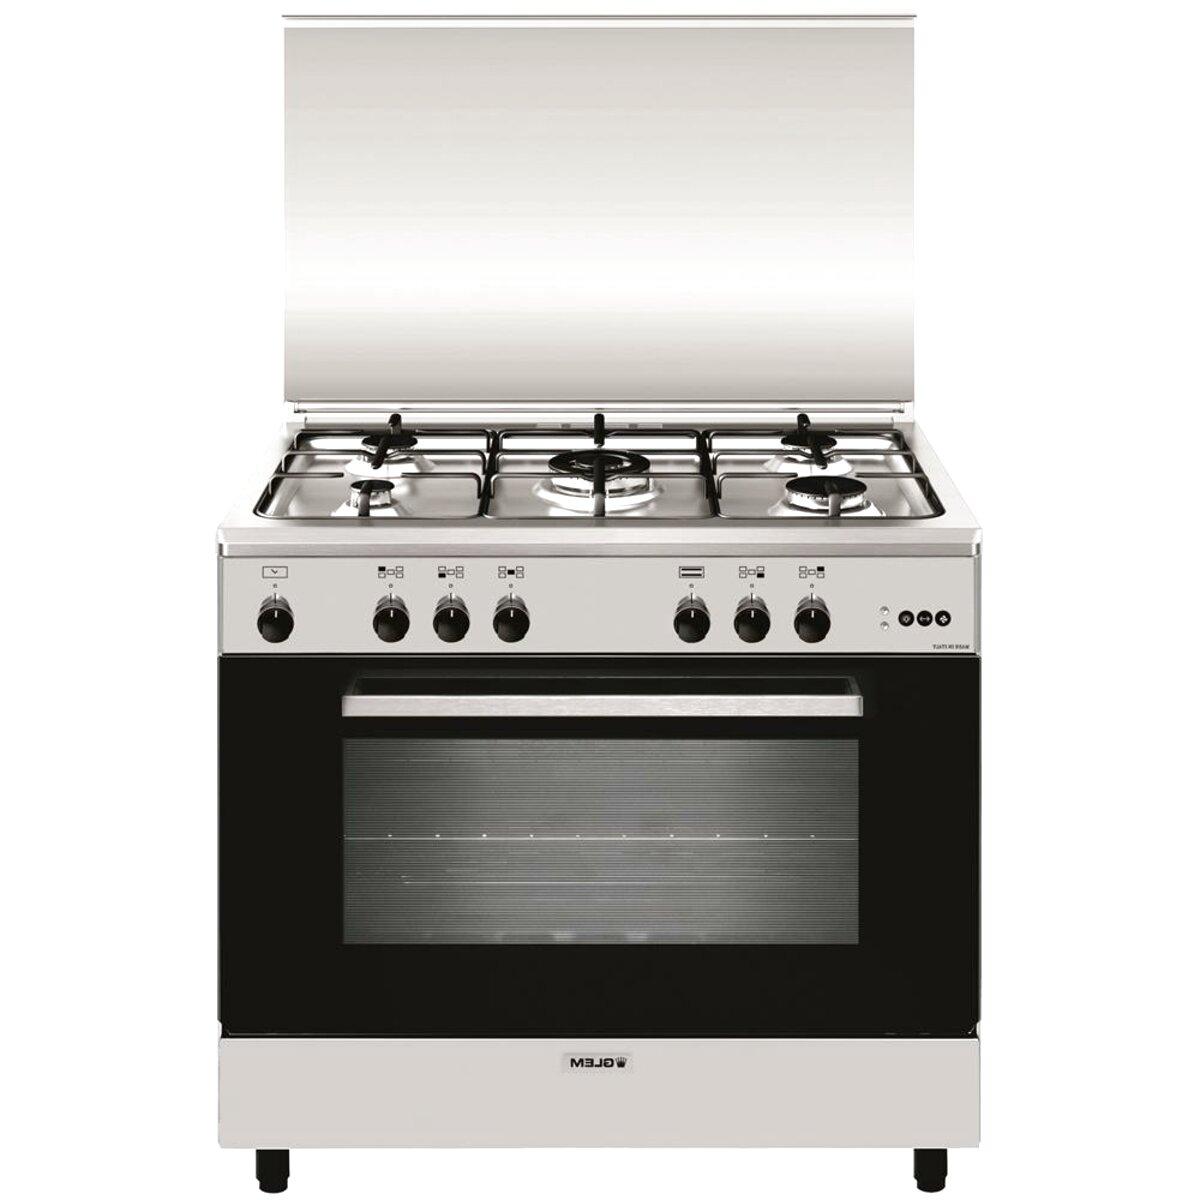 Cucine A Gas Con Forno A Gas Usate.Cucina Gas Forno Gas 90x60 Usato In Italia Vedi Tutte I 45 Prezzi